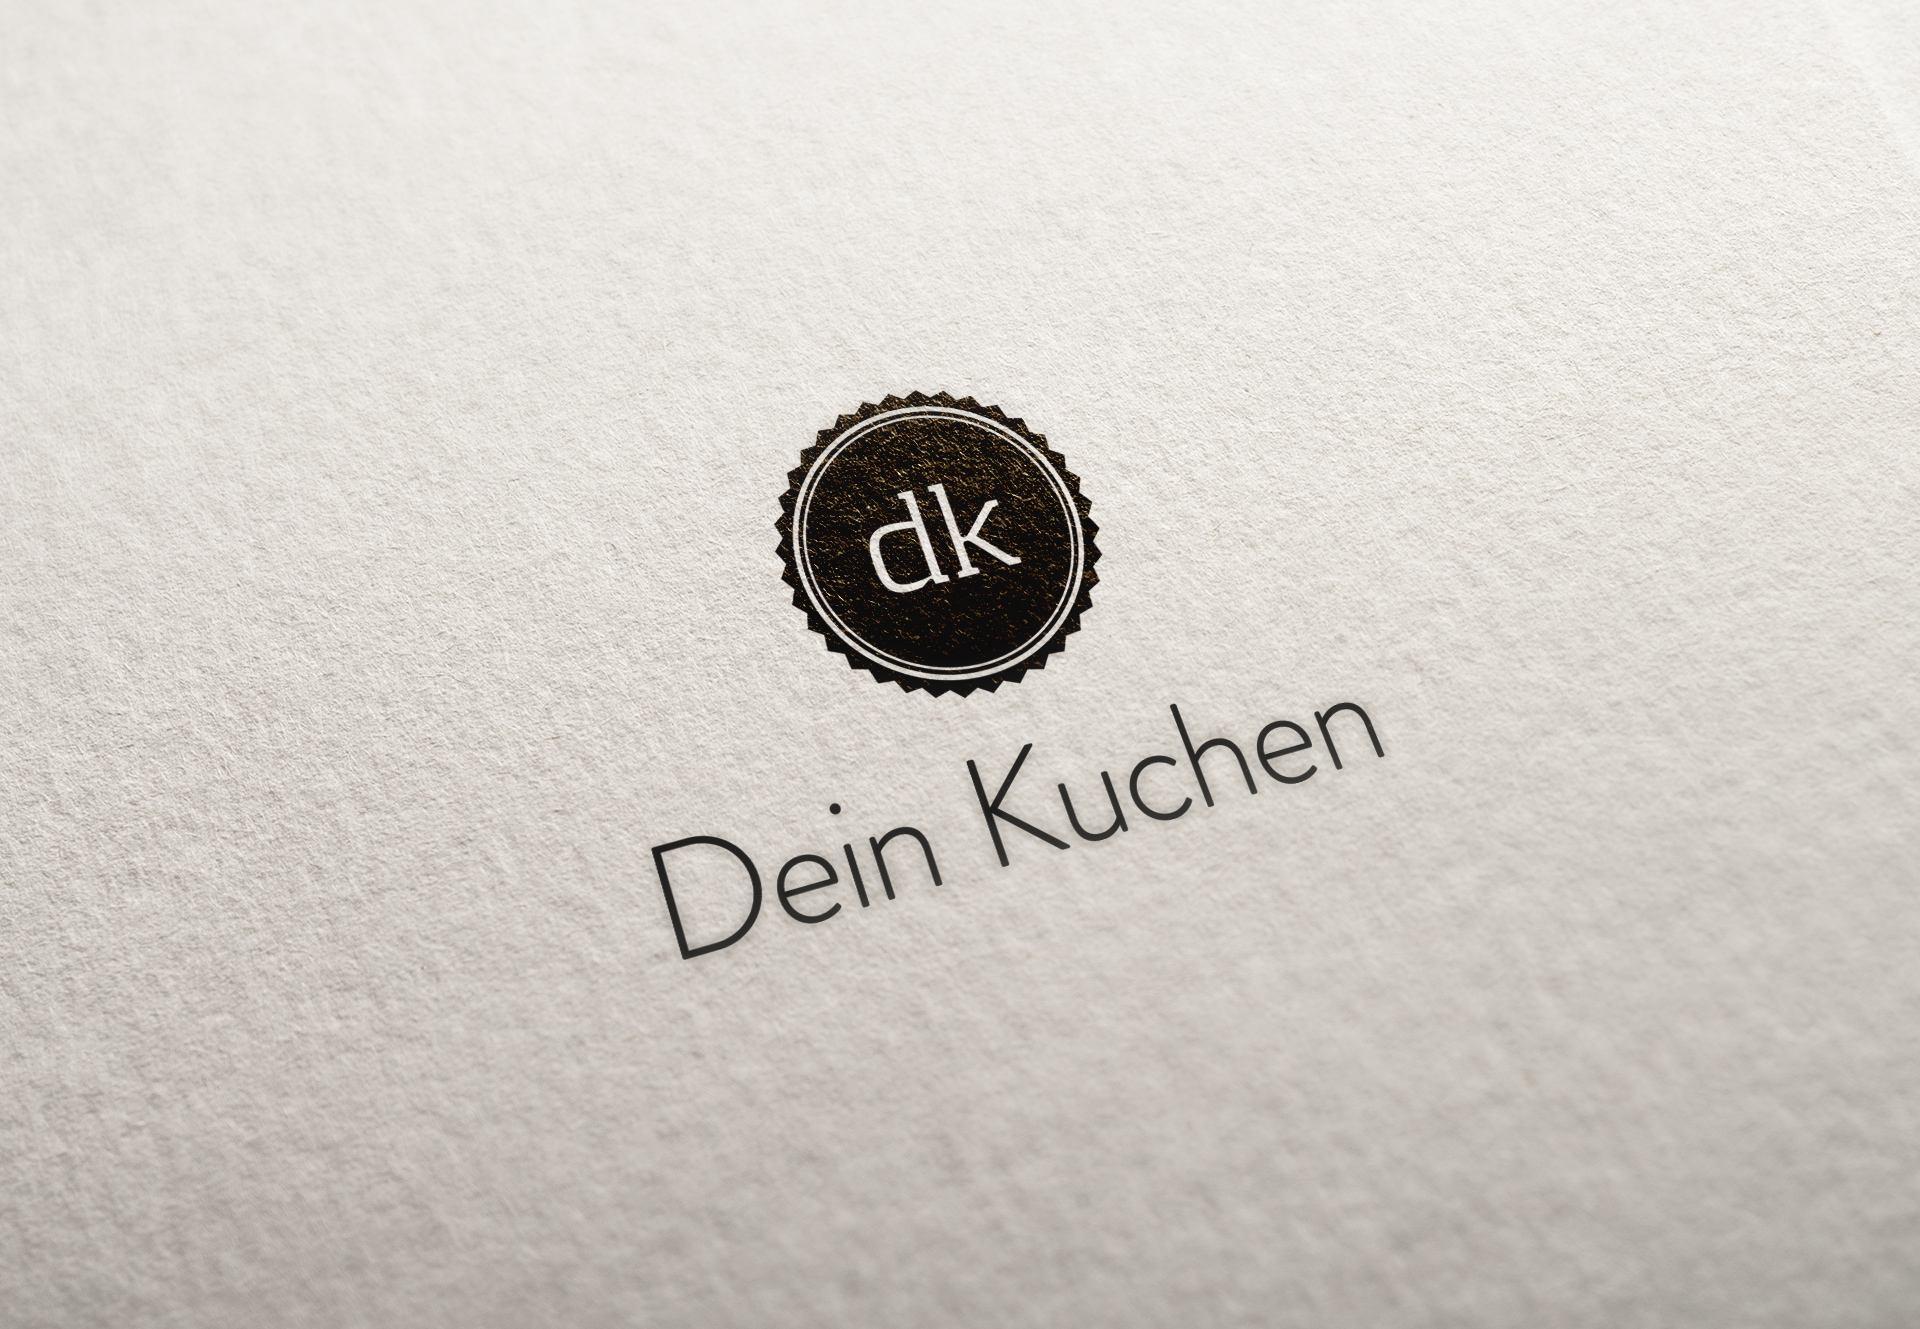 3WM | Dein Kuchen Lieferdienst | Werbeagentur Würzburg